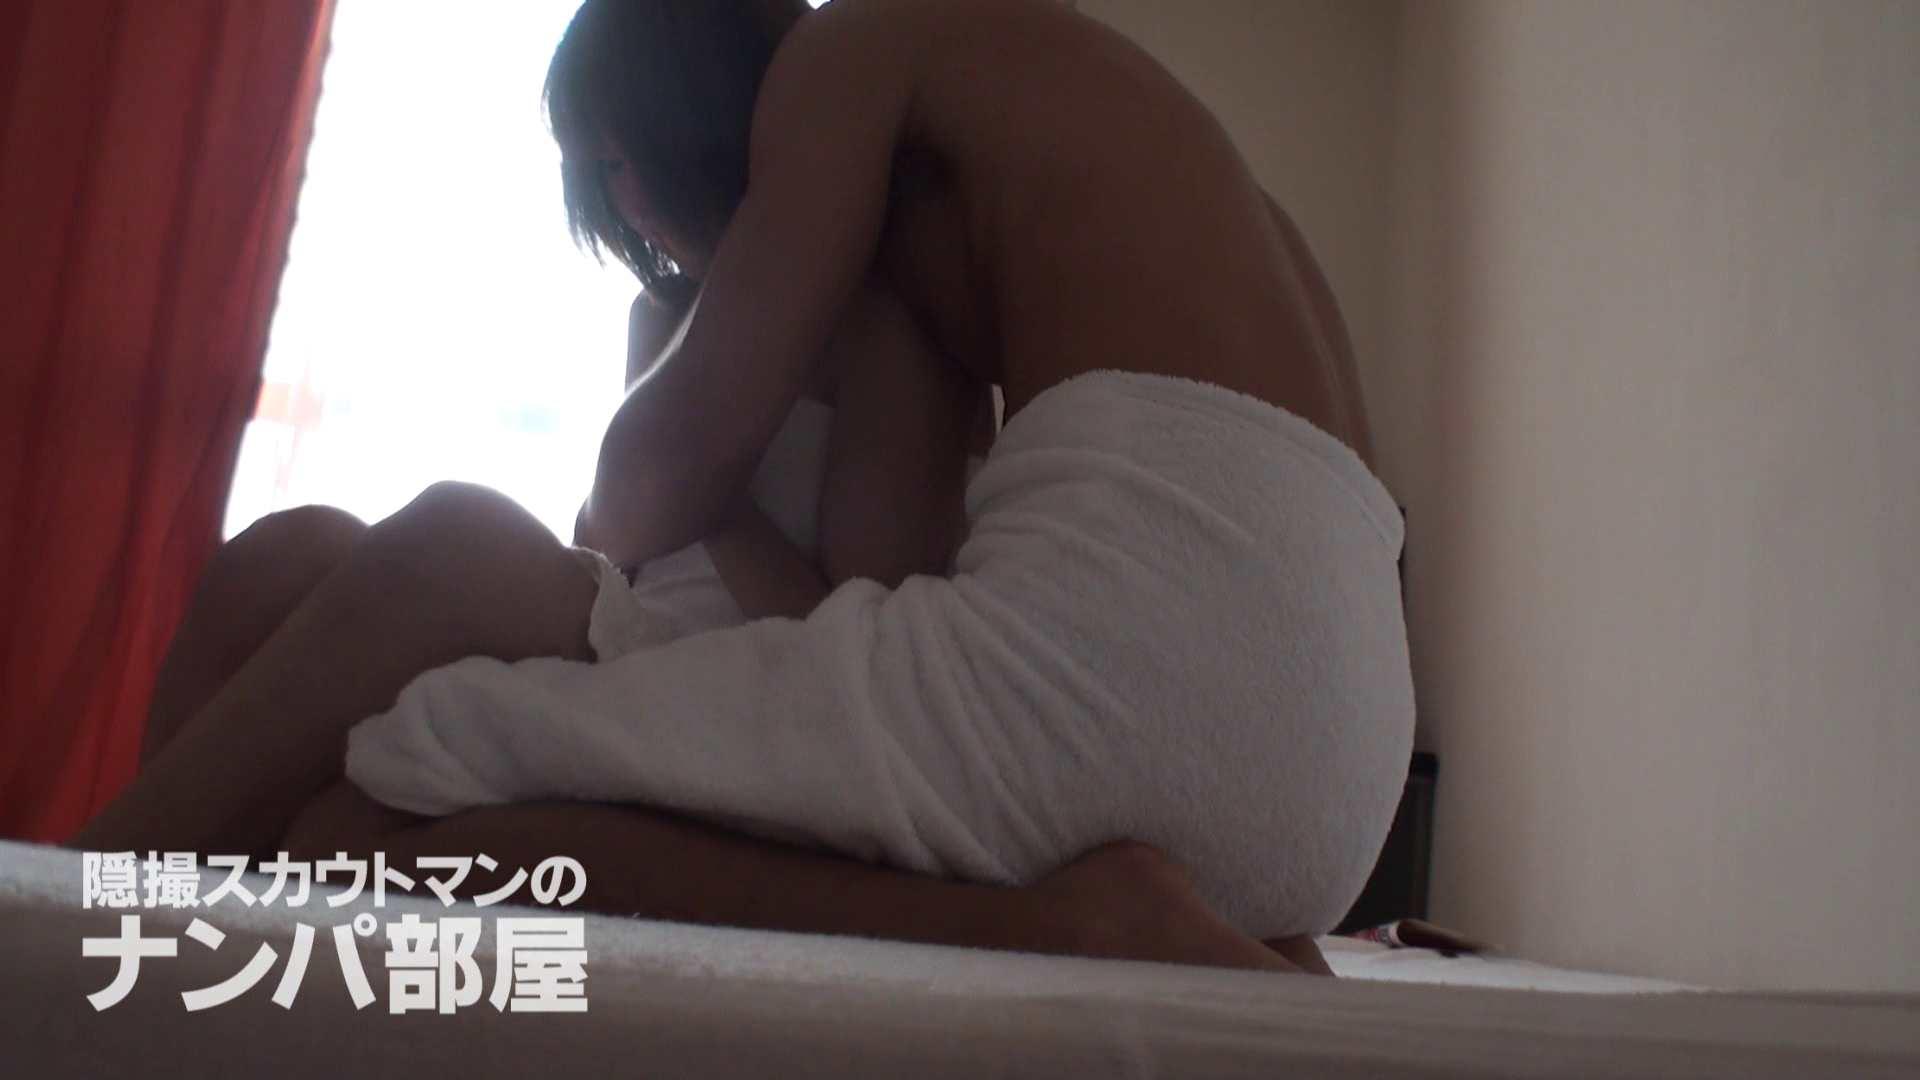 隠撮スカウトマンのナンパ部屋~風俗デビュー前のつまみ食い~ sii 脱衣所  100連発 60